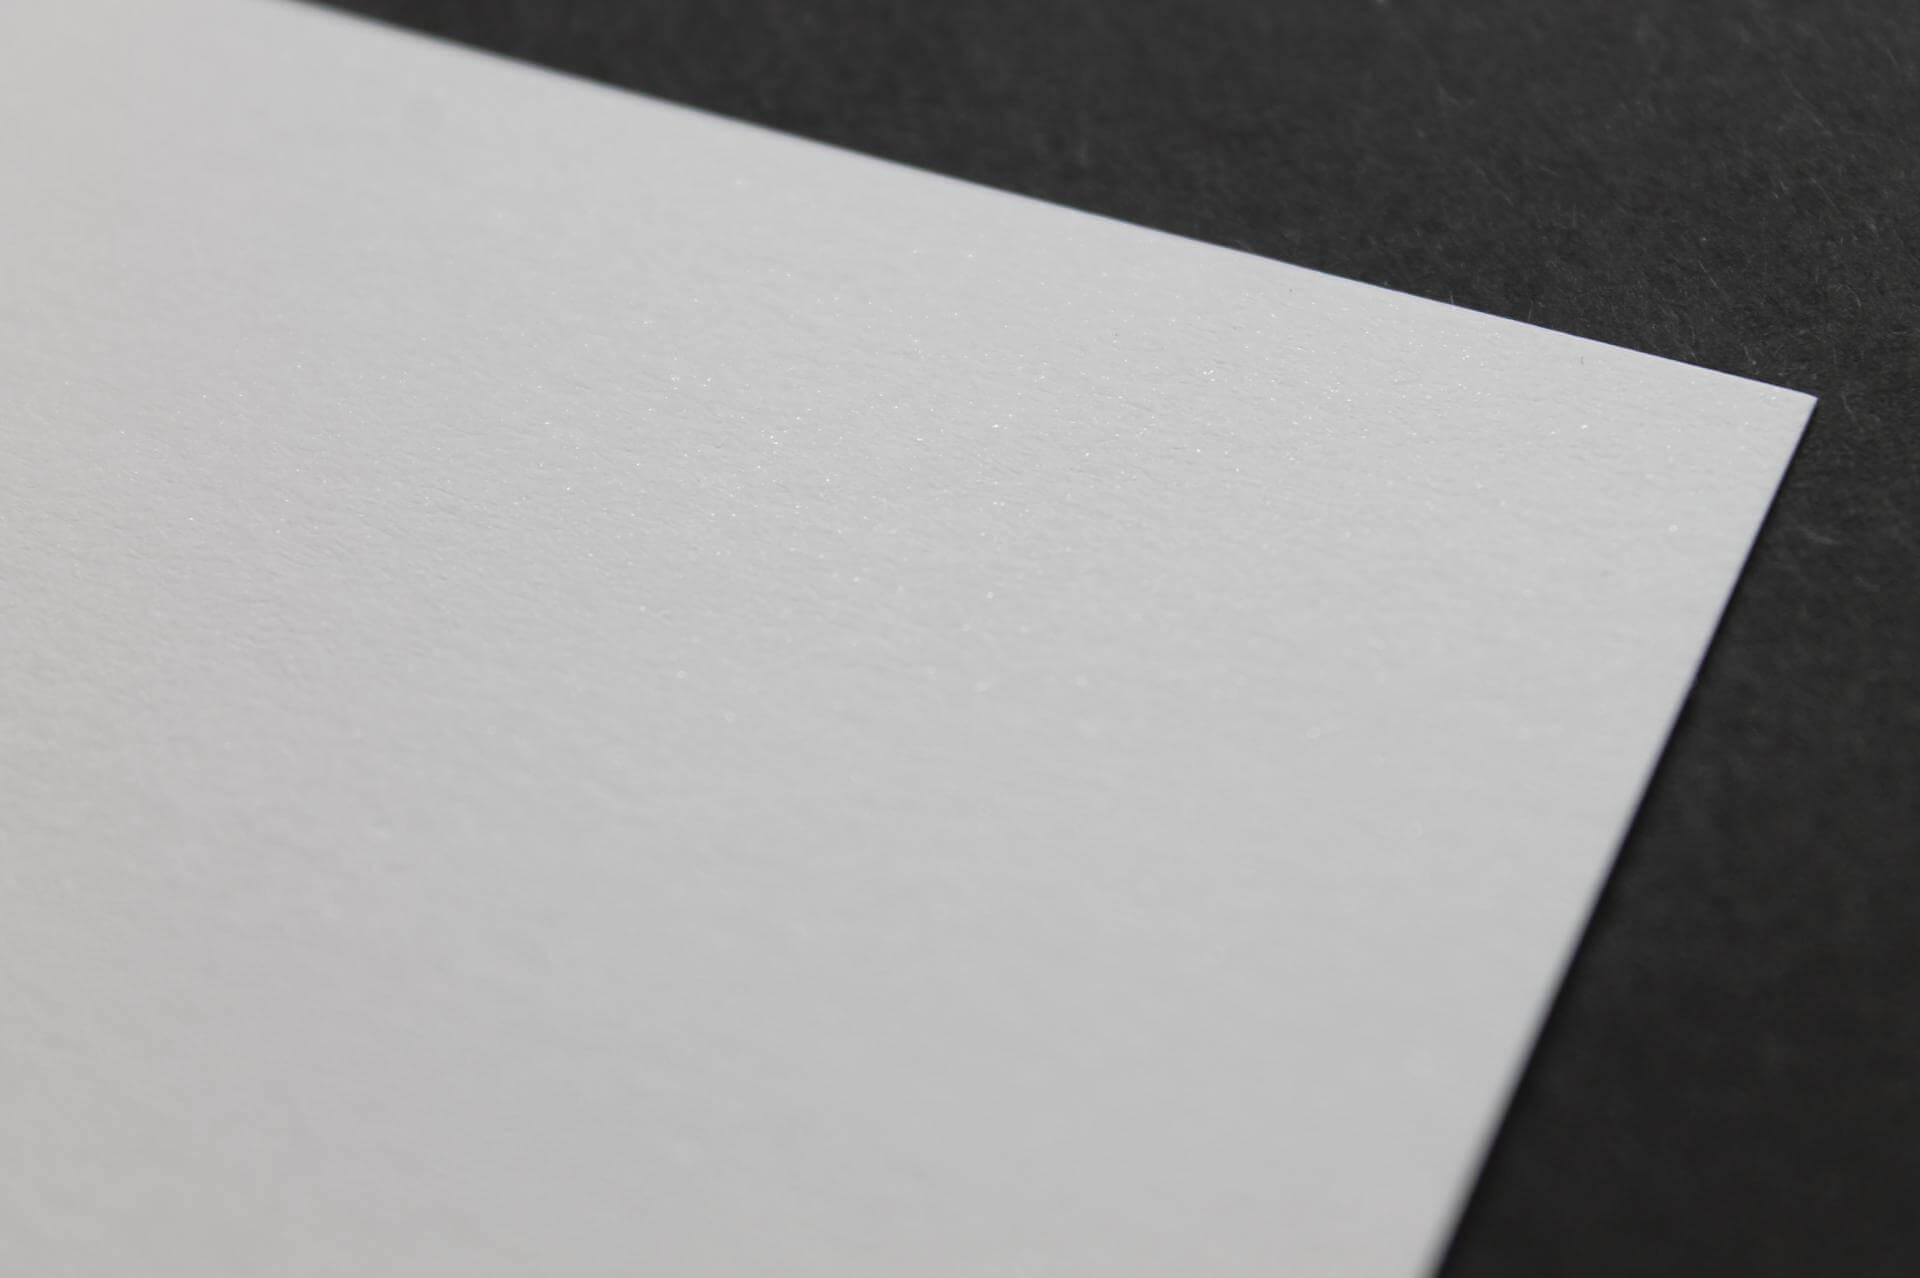 Бумага Malmero perle blanc, 120г/м2, 30х30 см, с блестящим напылением